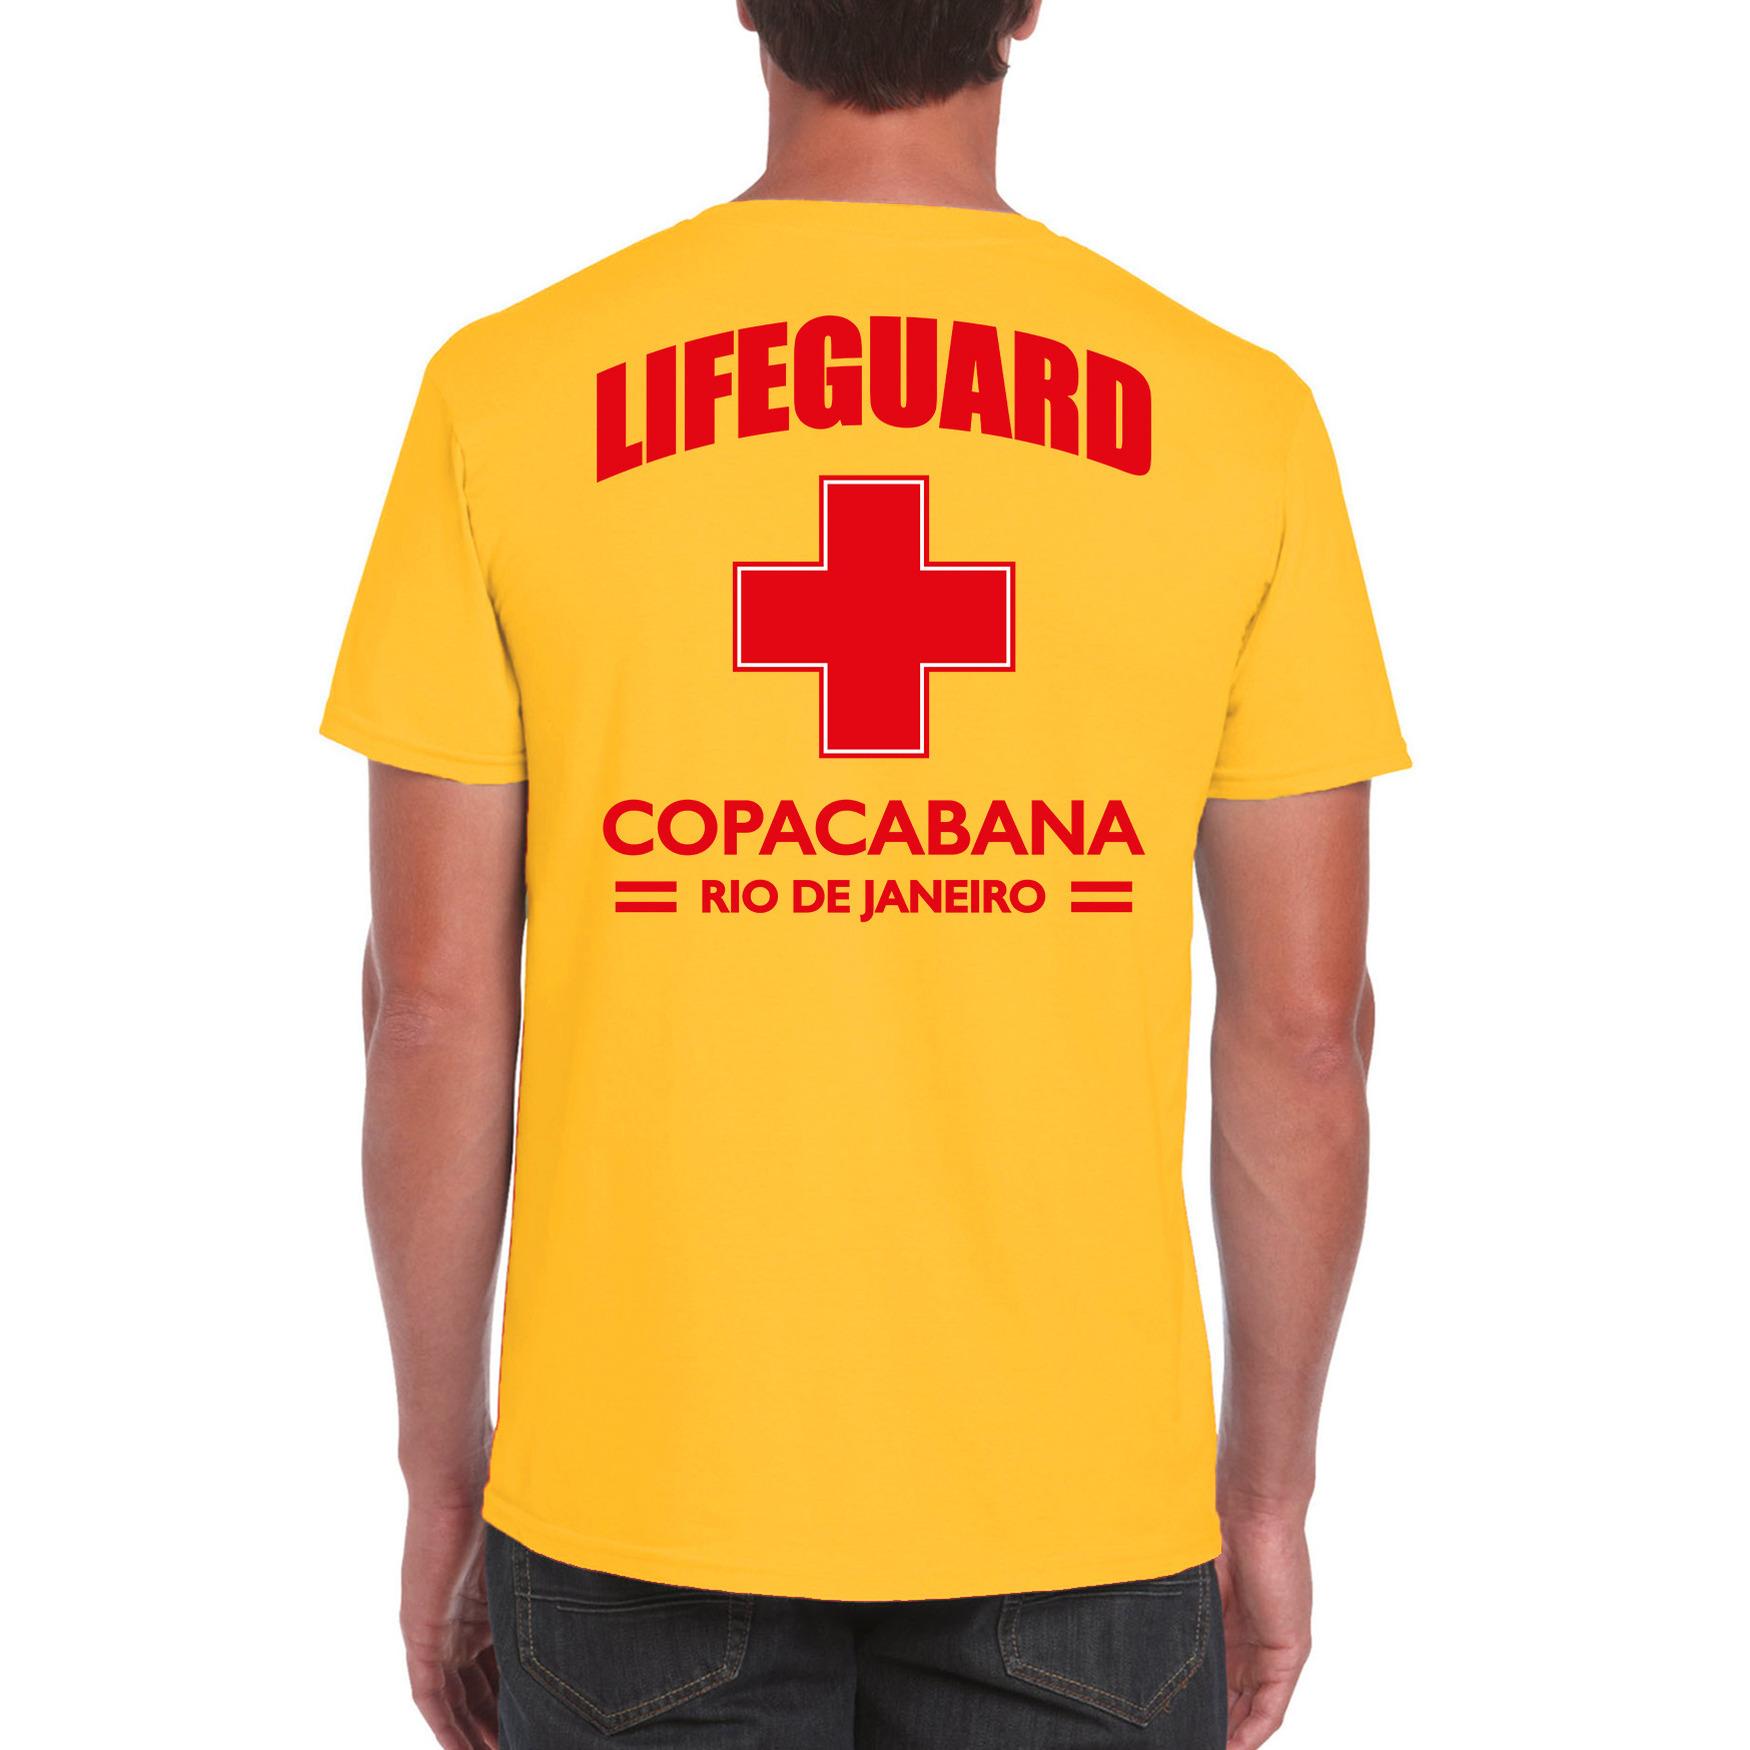 Lifeguard/ strandwacht verkleed t-shirt - shirt Lifeguard Copacabana Rio De Janeiro geel voor heren